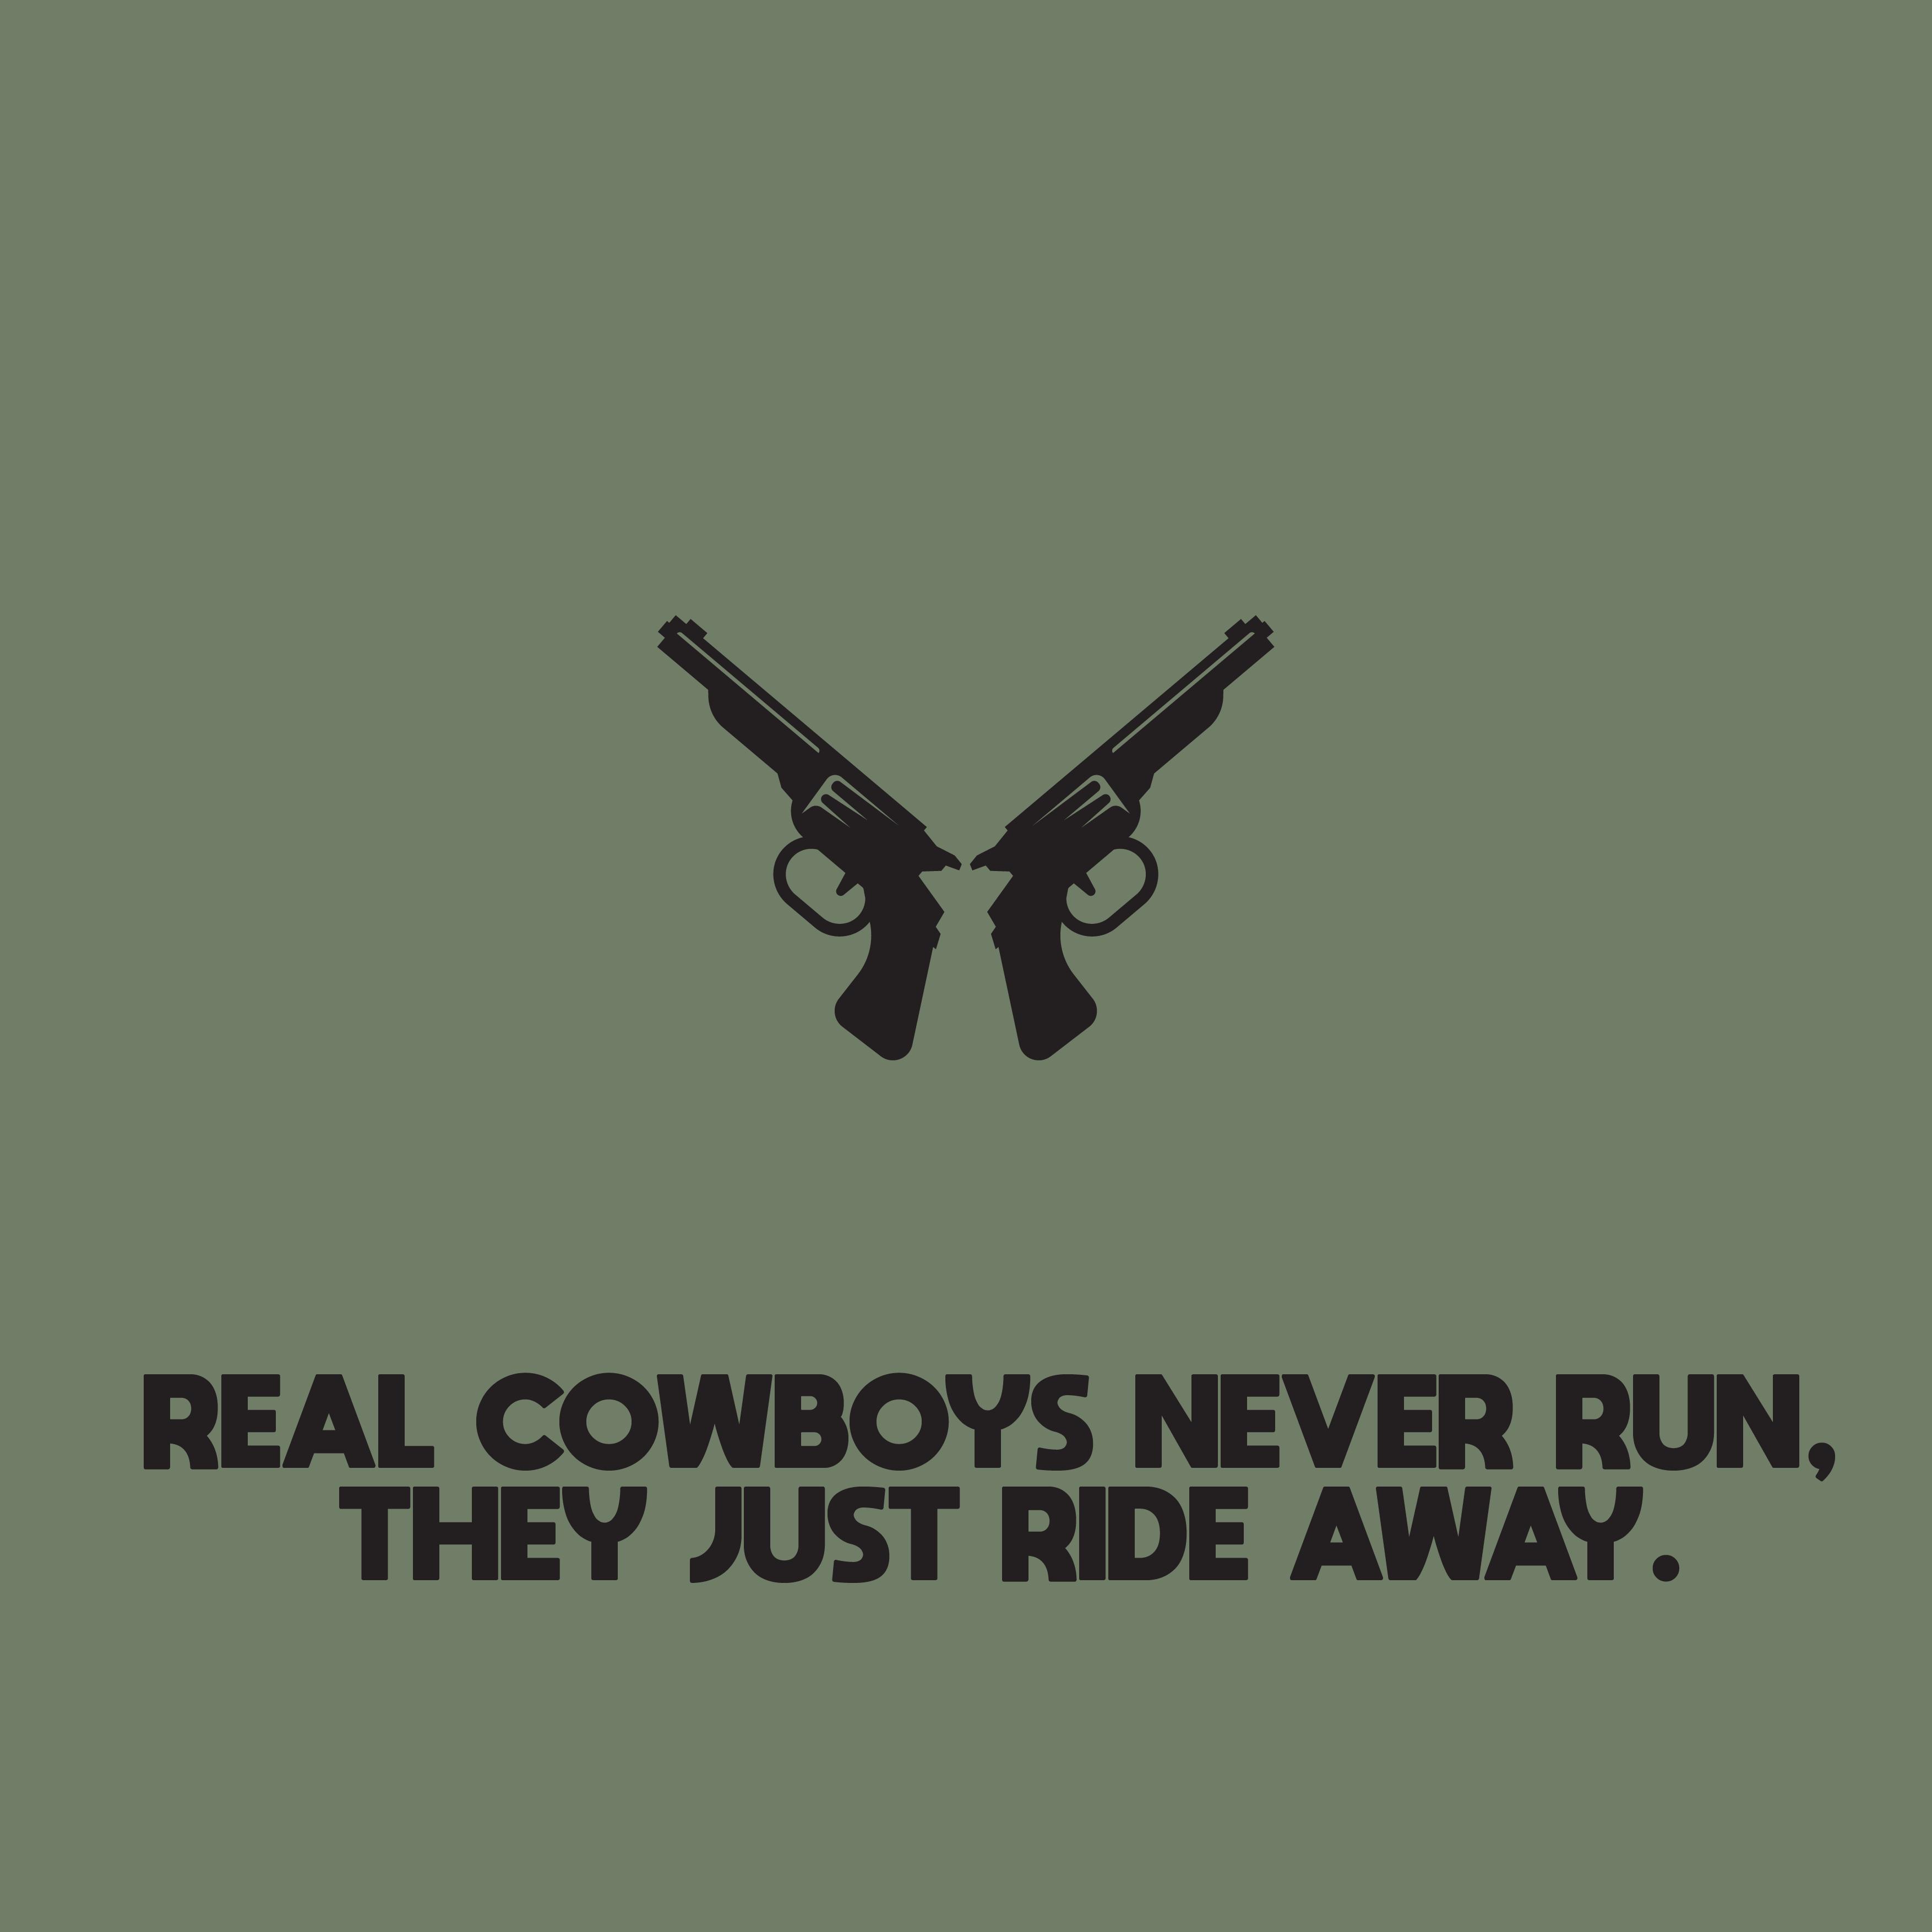 cowboy-quotes-06